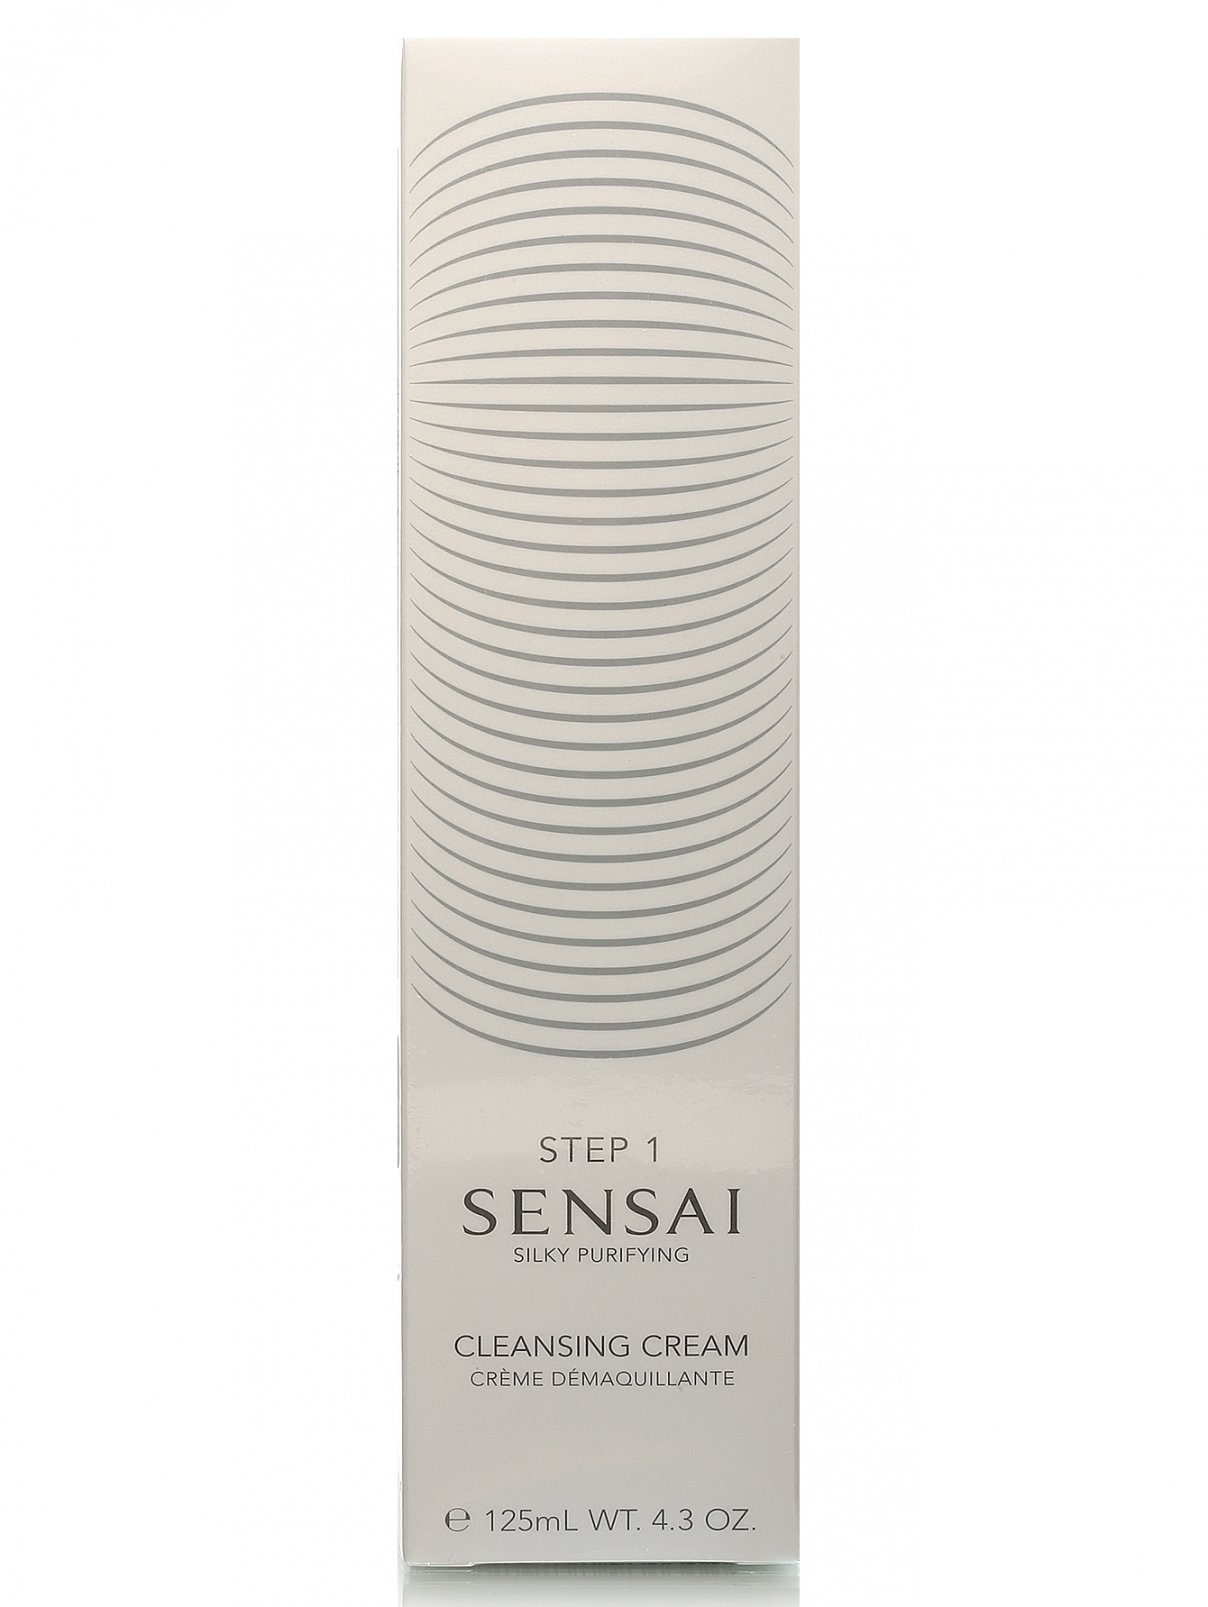 Очищающий крем для лица - Sensai Silky Purifying, 125ml Sensai  –  Модель Общий вид